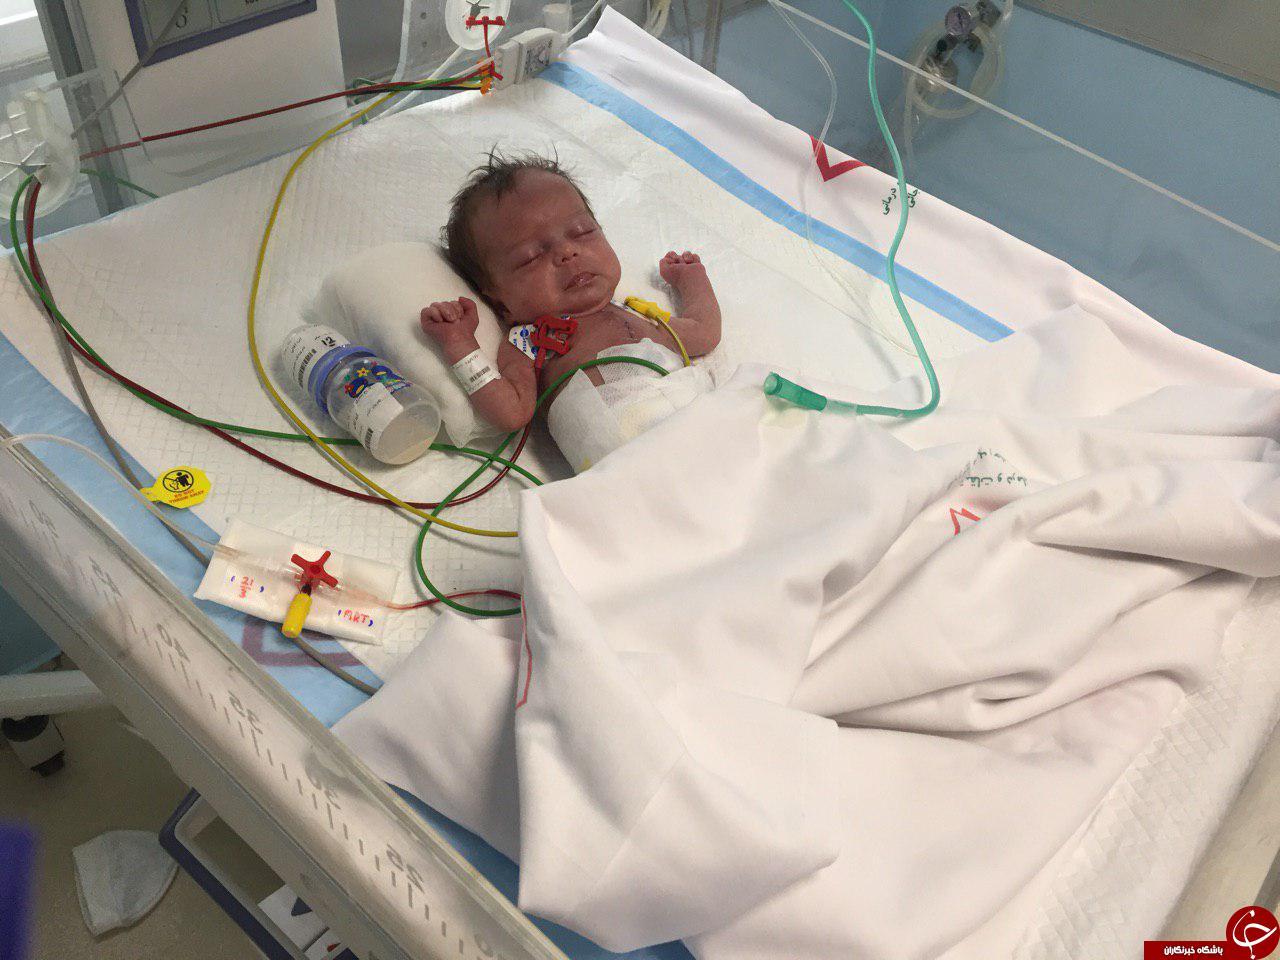 سنگینترین جراحی قلب باز بر روی نوزاد١۴٠٠ گرمی +فیلم و تصاویر